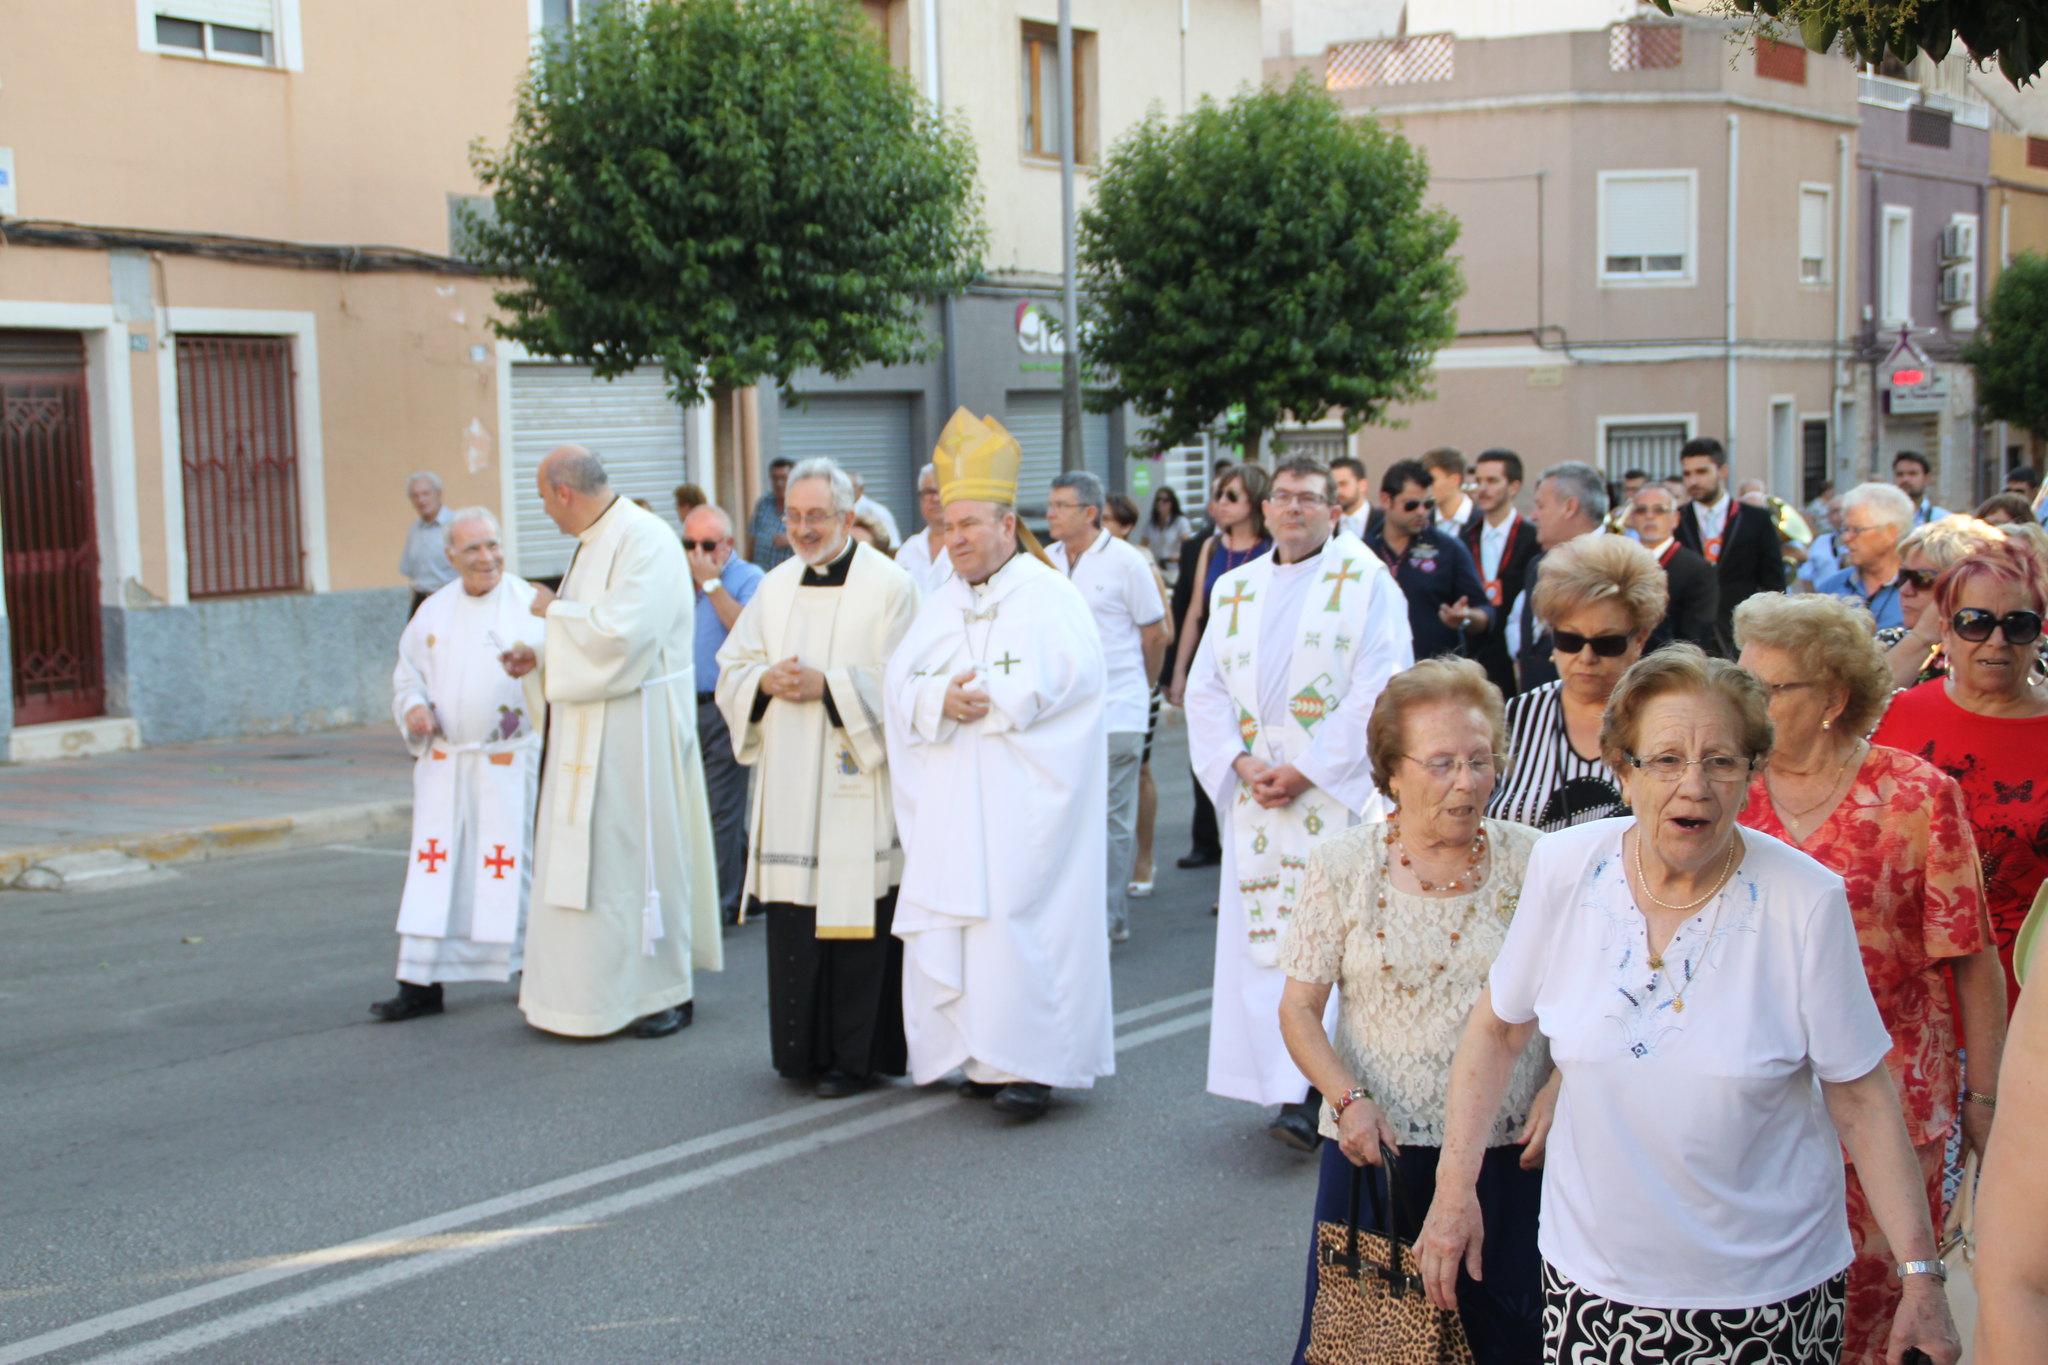 (2015-07-12) - Virgen del Carmen, parroquia La Santa Cruz - Javier Romero Ripoll (27)